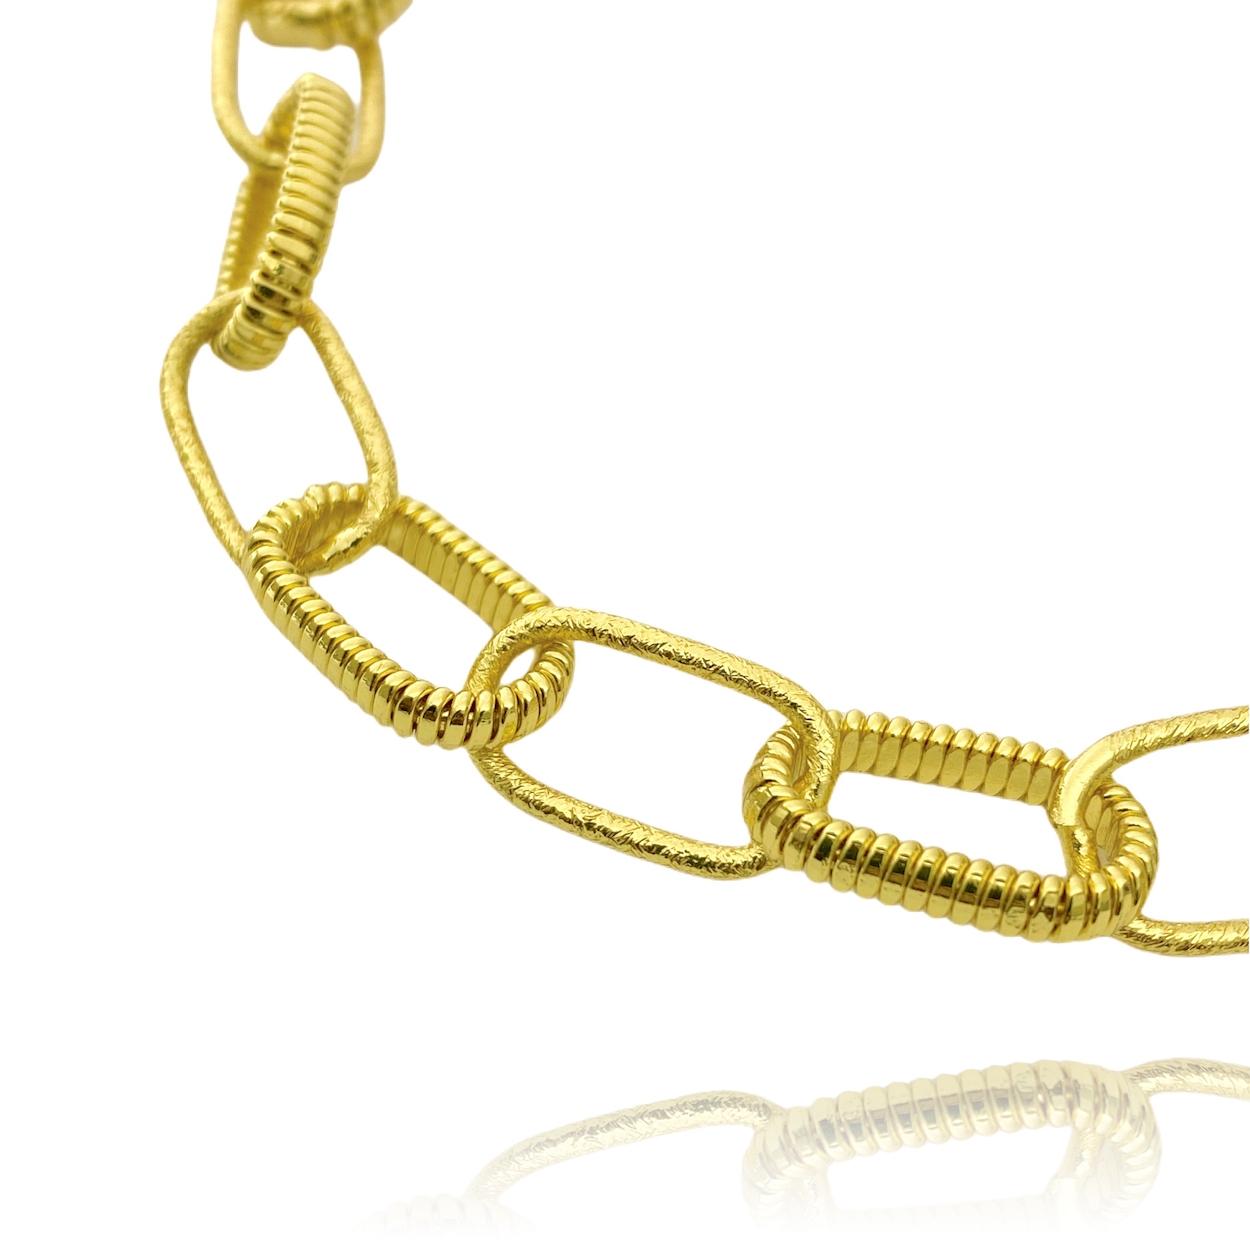 Pulseira Chain Elos Texturizados (Banho Ouro 24k)